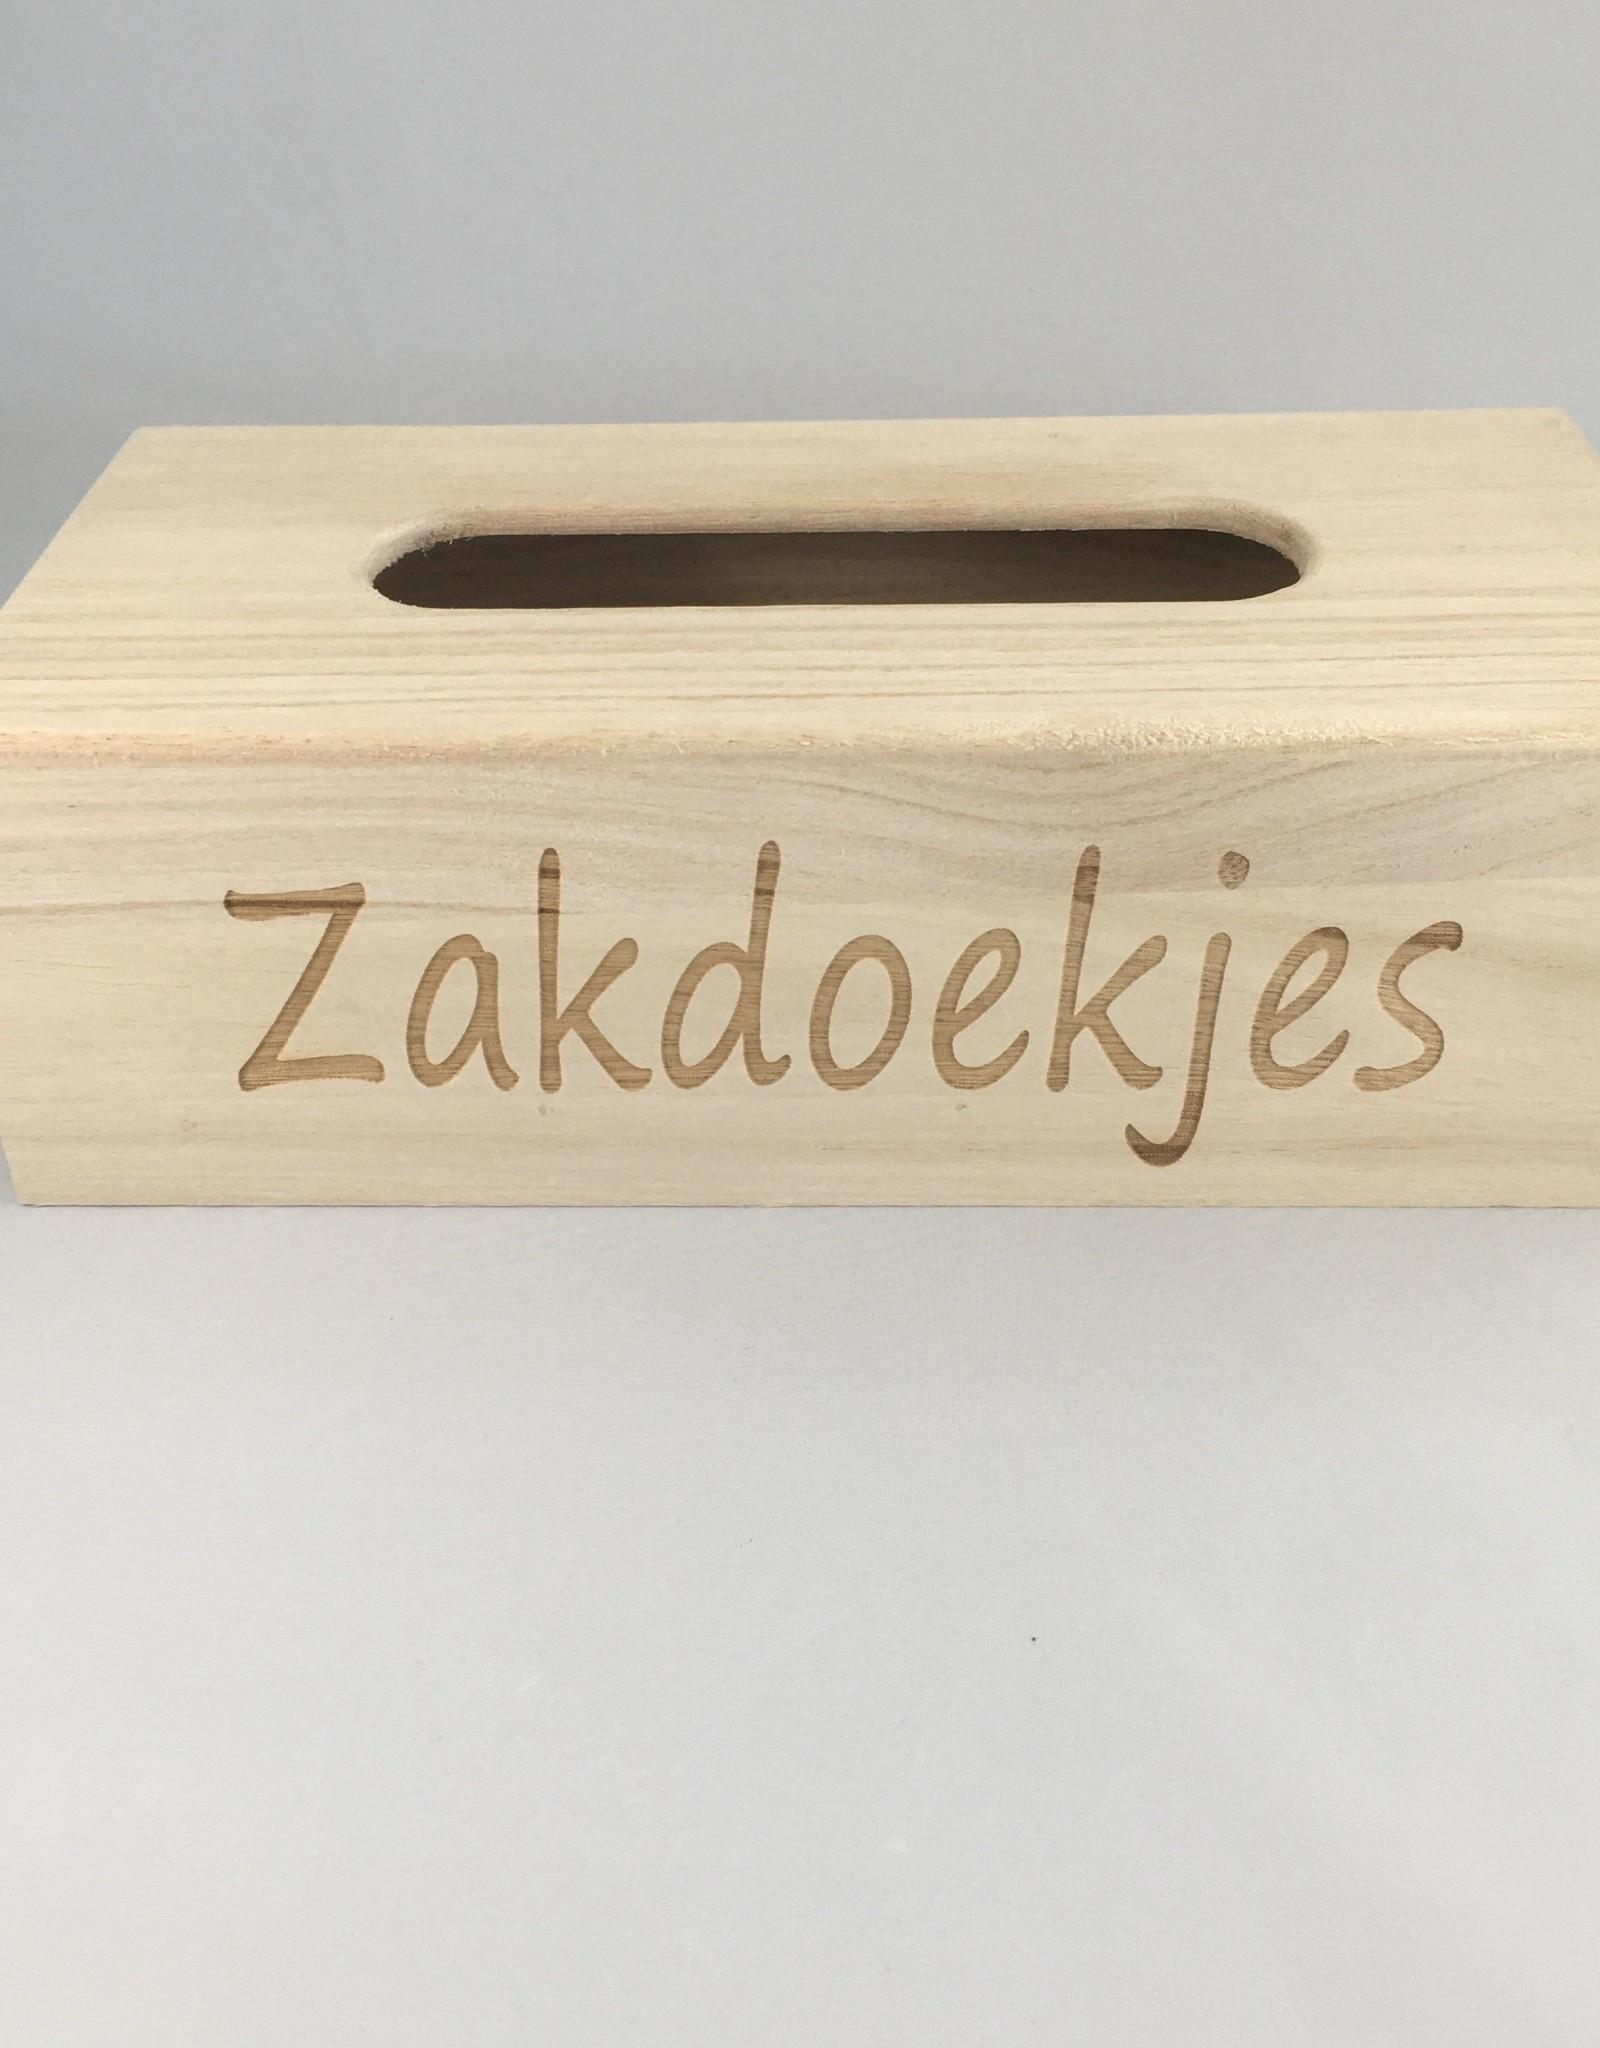 't Gelukske 't Gelukske: houten zakdoekdooshoes zakdoekjes